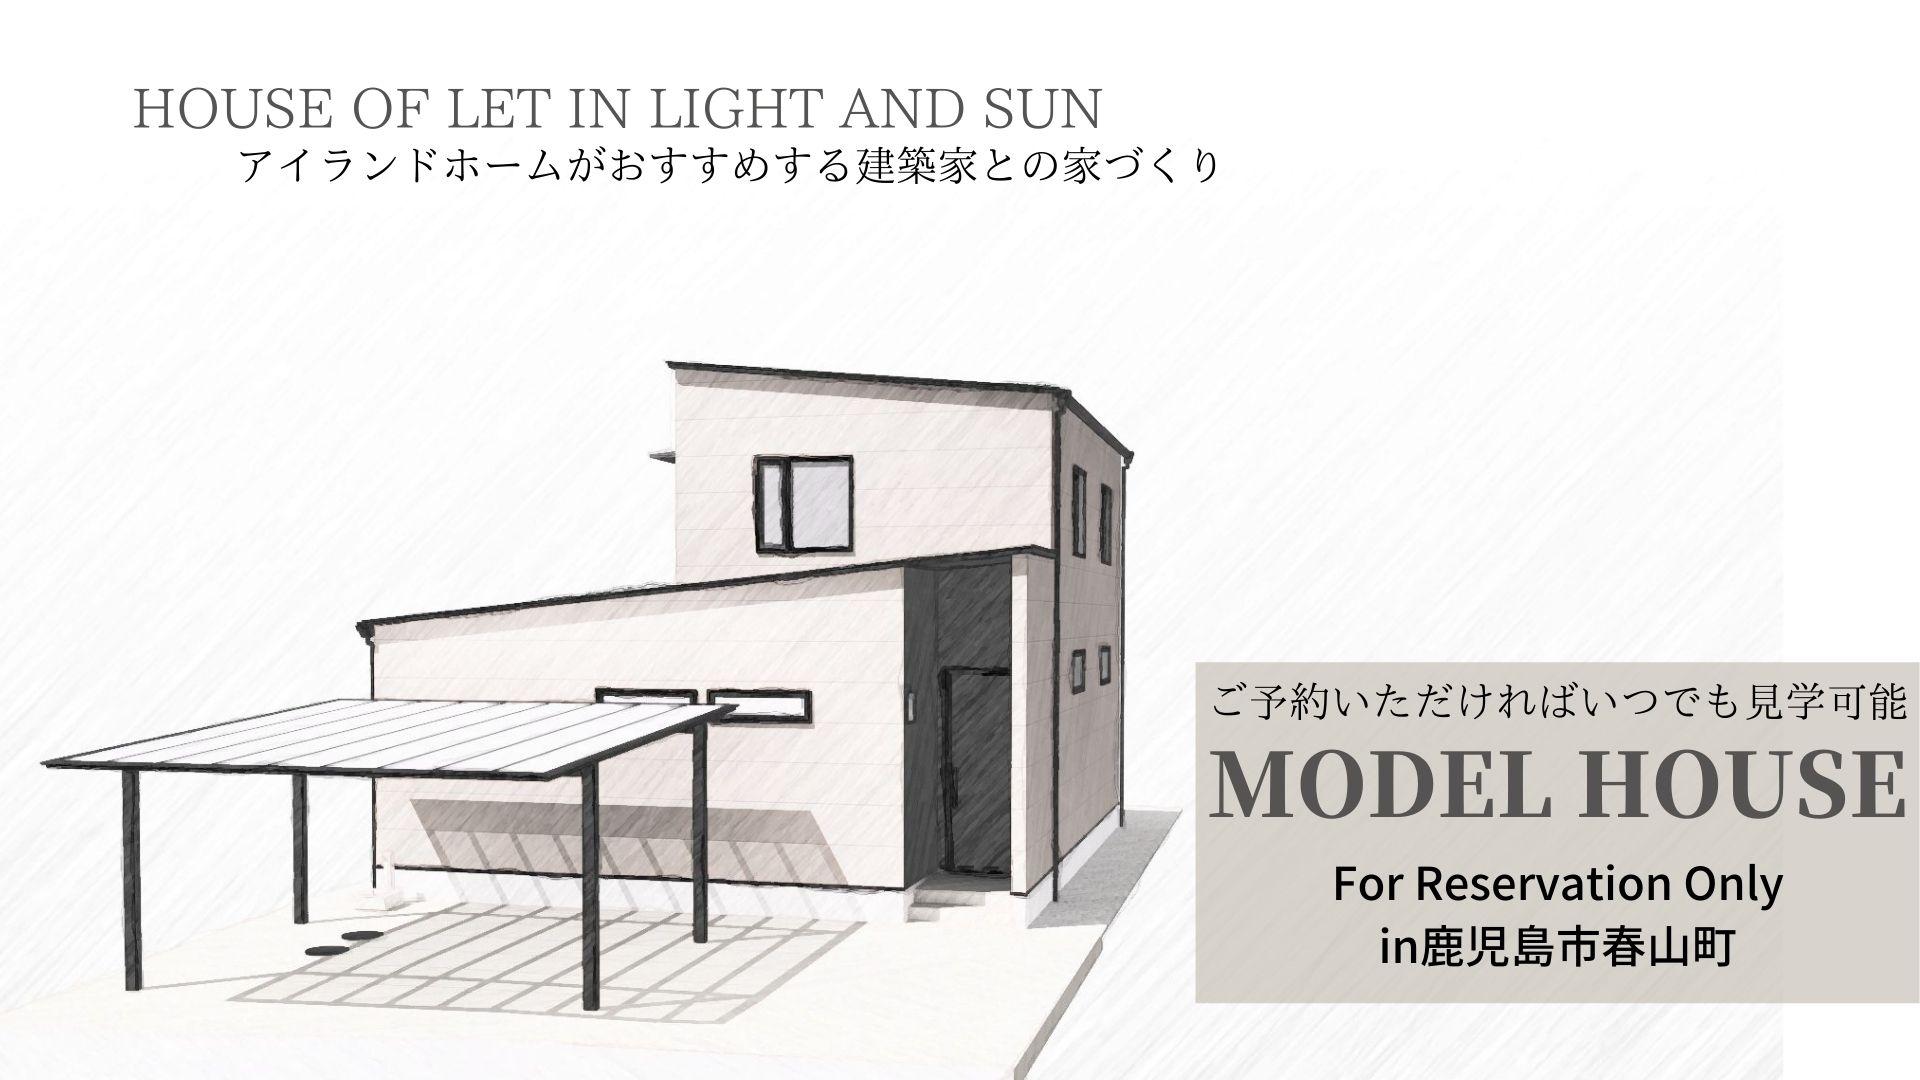 モデルハウス見学会 開催中 <鹿児島市春山町>